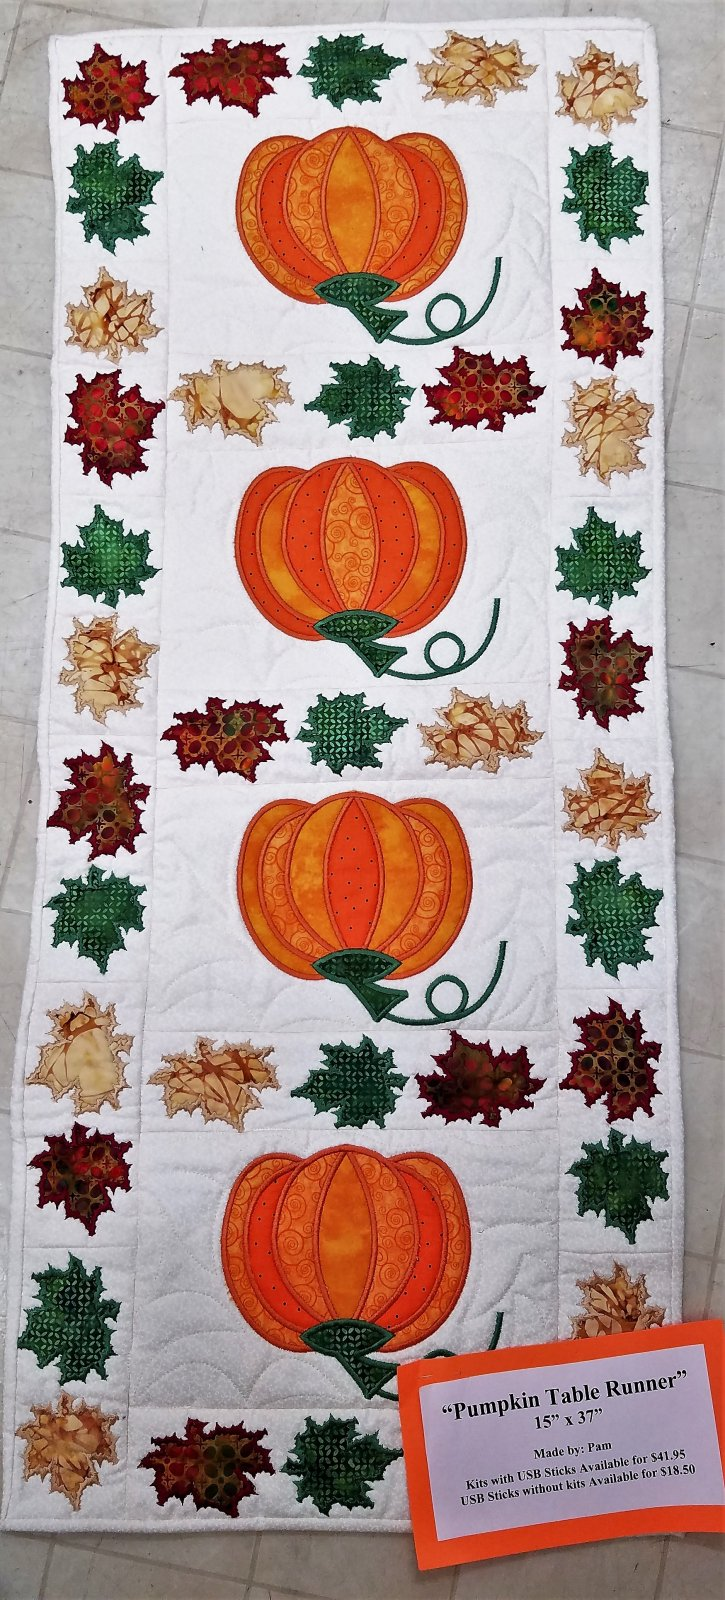 Pumpkin Table Runner Kit